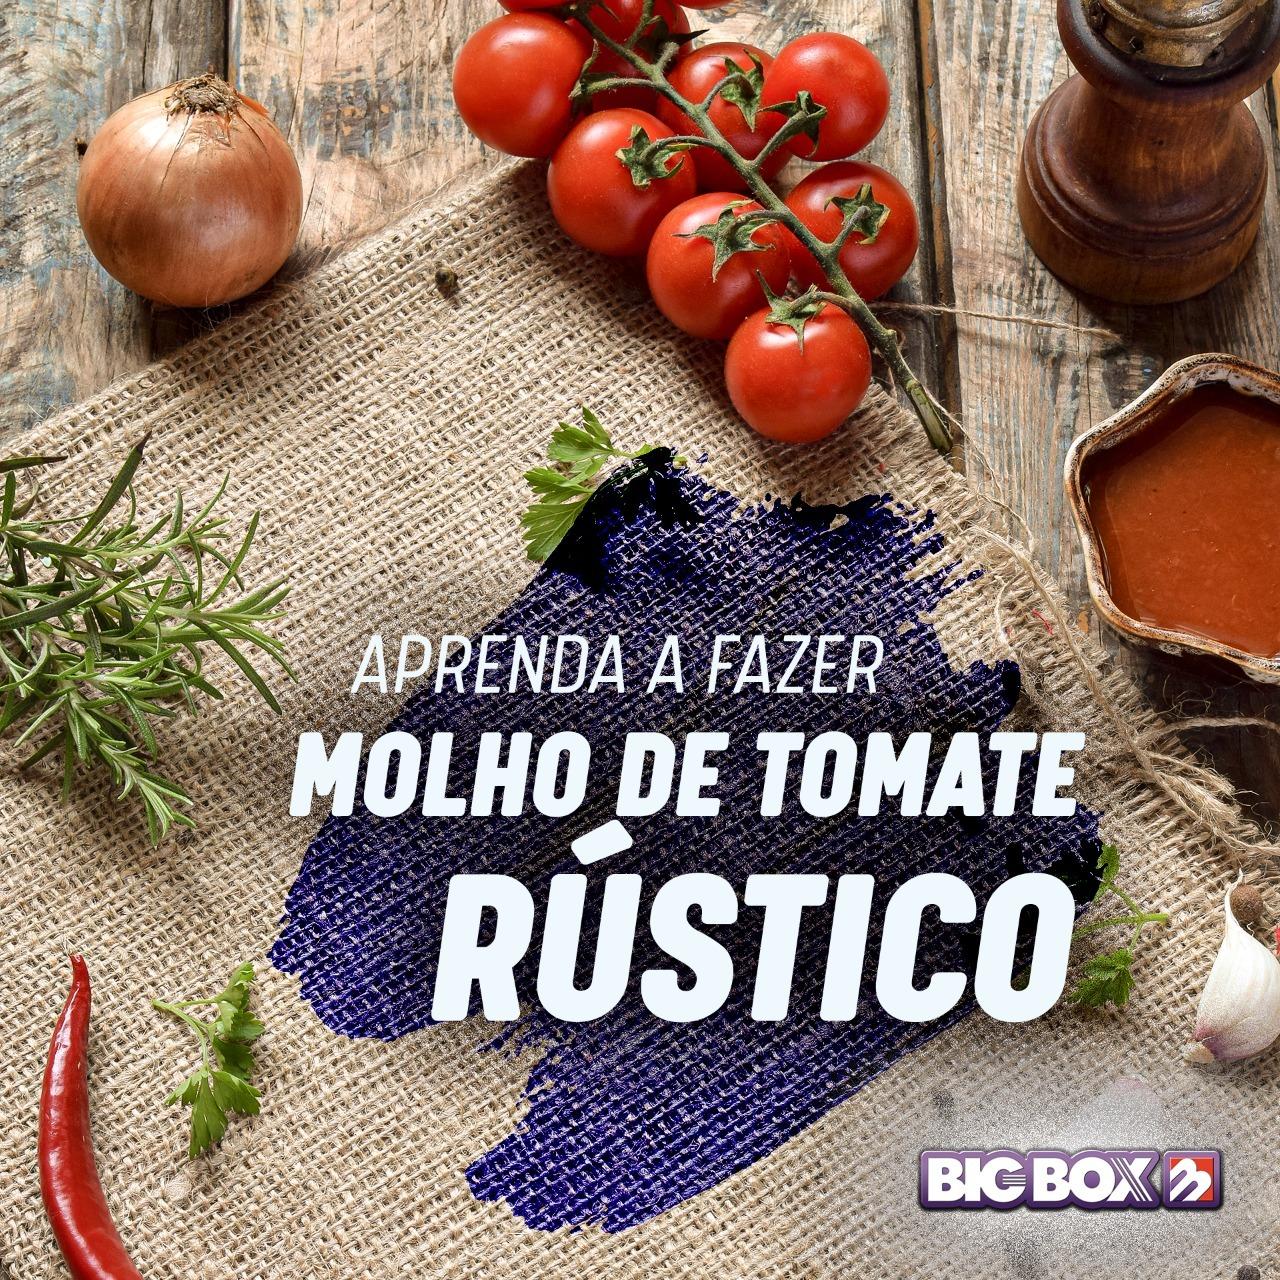 Aprenda a fazer molho rústico de tomate